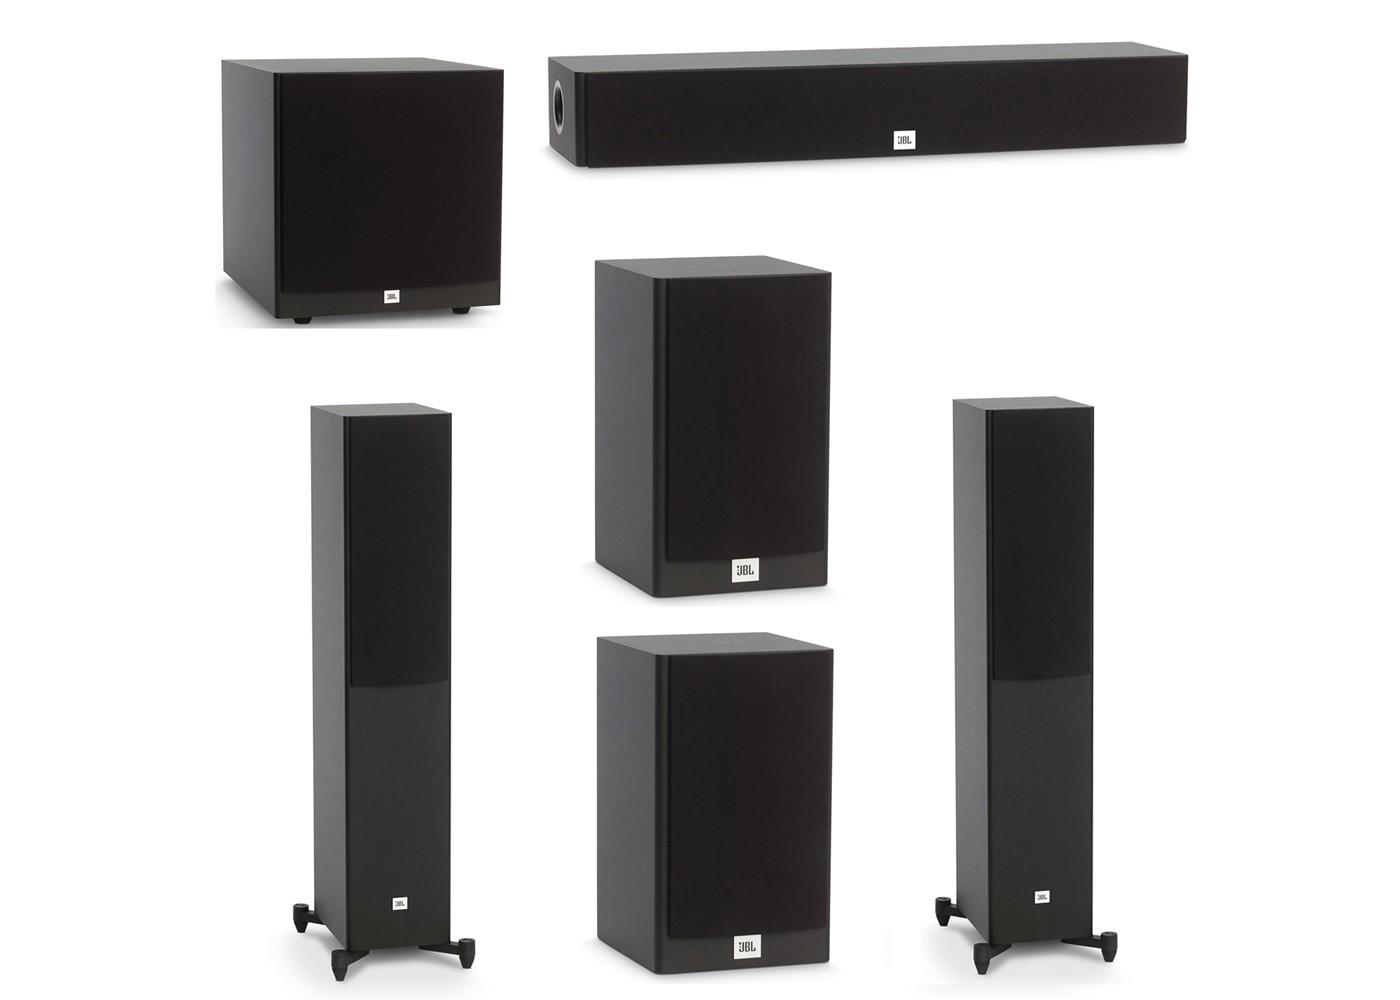 Jbl Home Speakers >> Jbl 5 1 System With 2 Jbl Stage A170 Floorstanding Speakers 1 Jbl